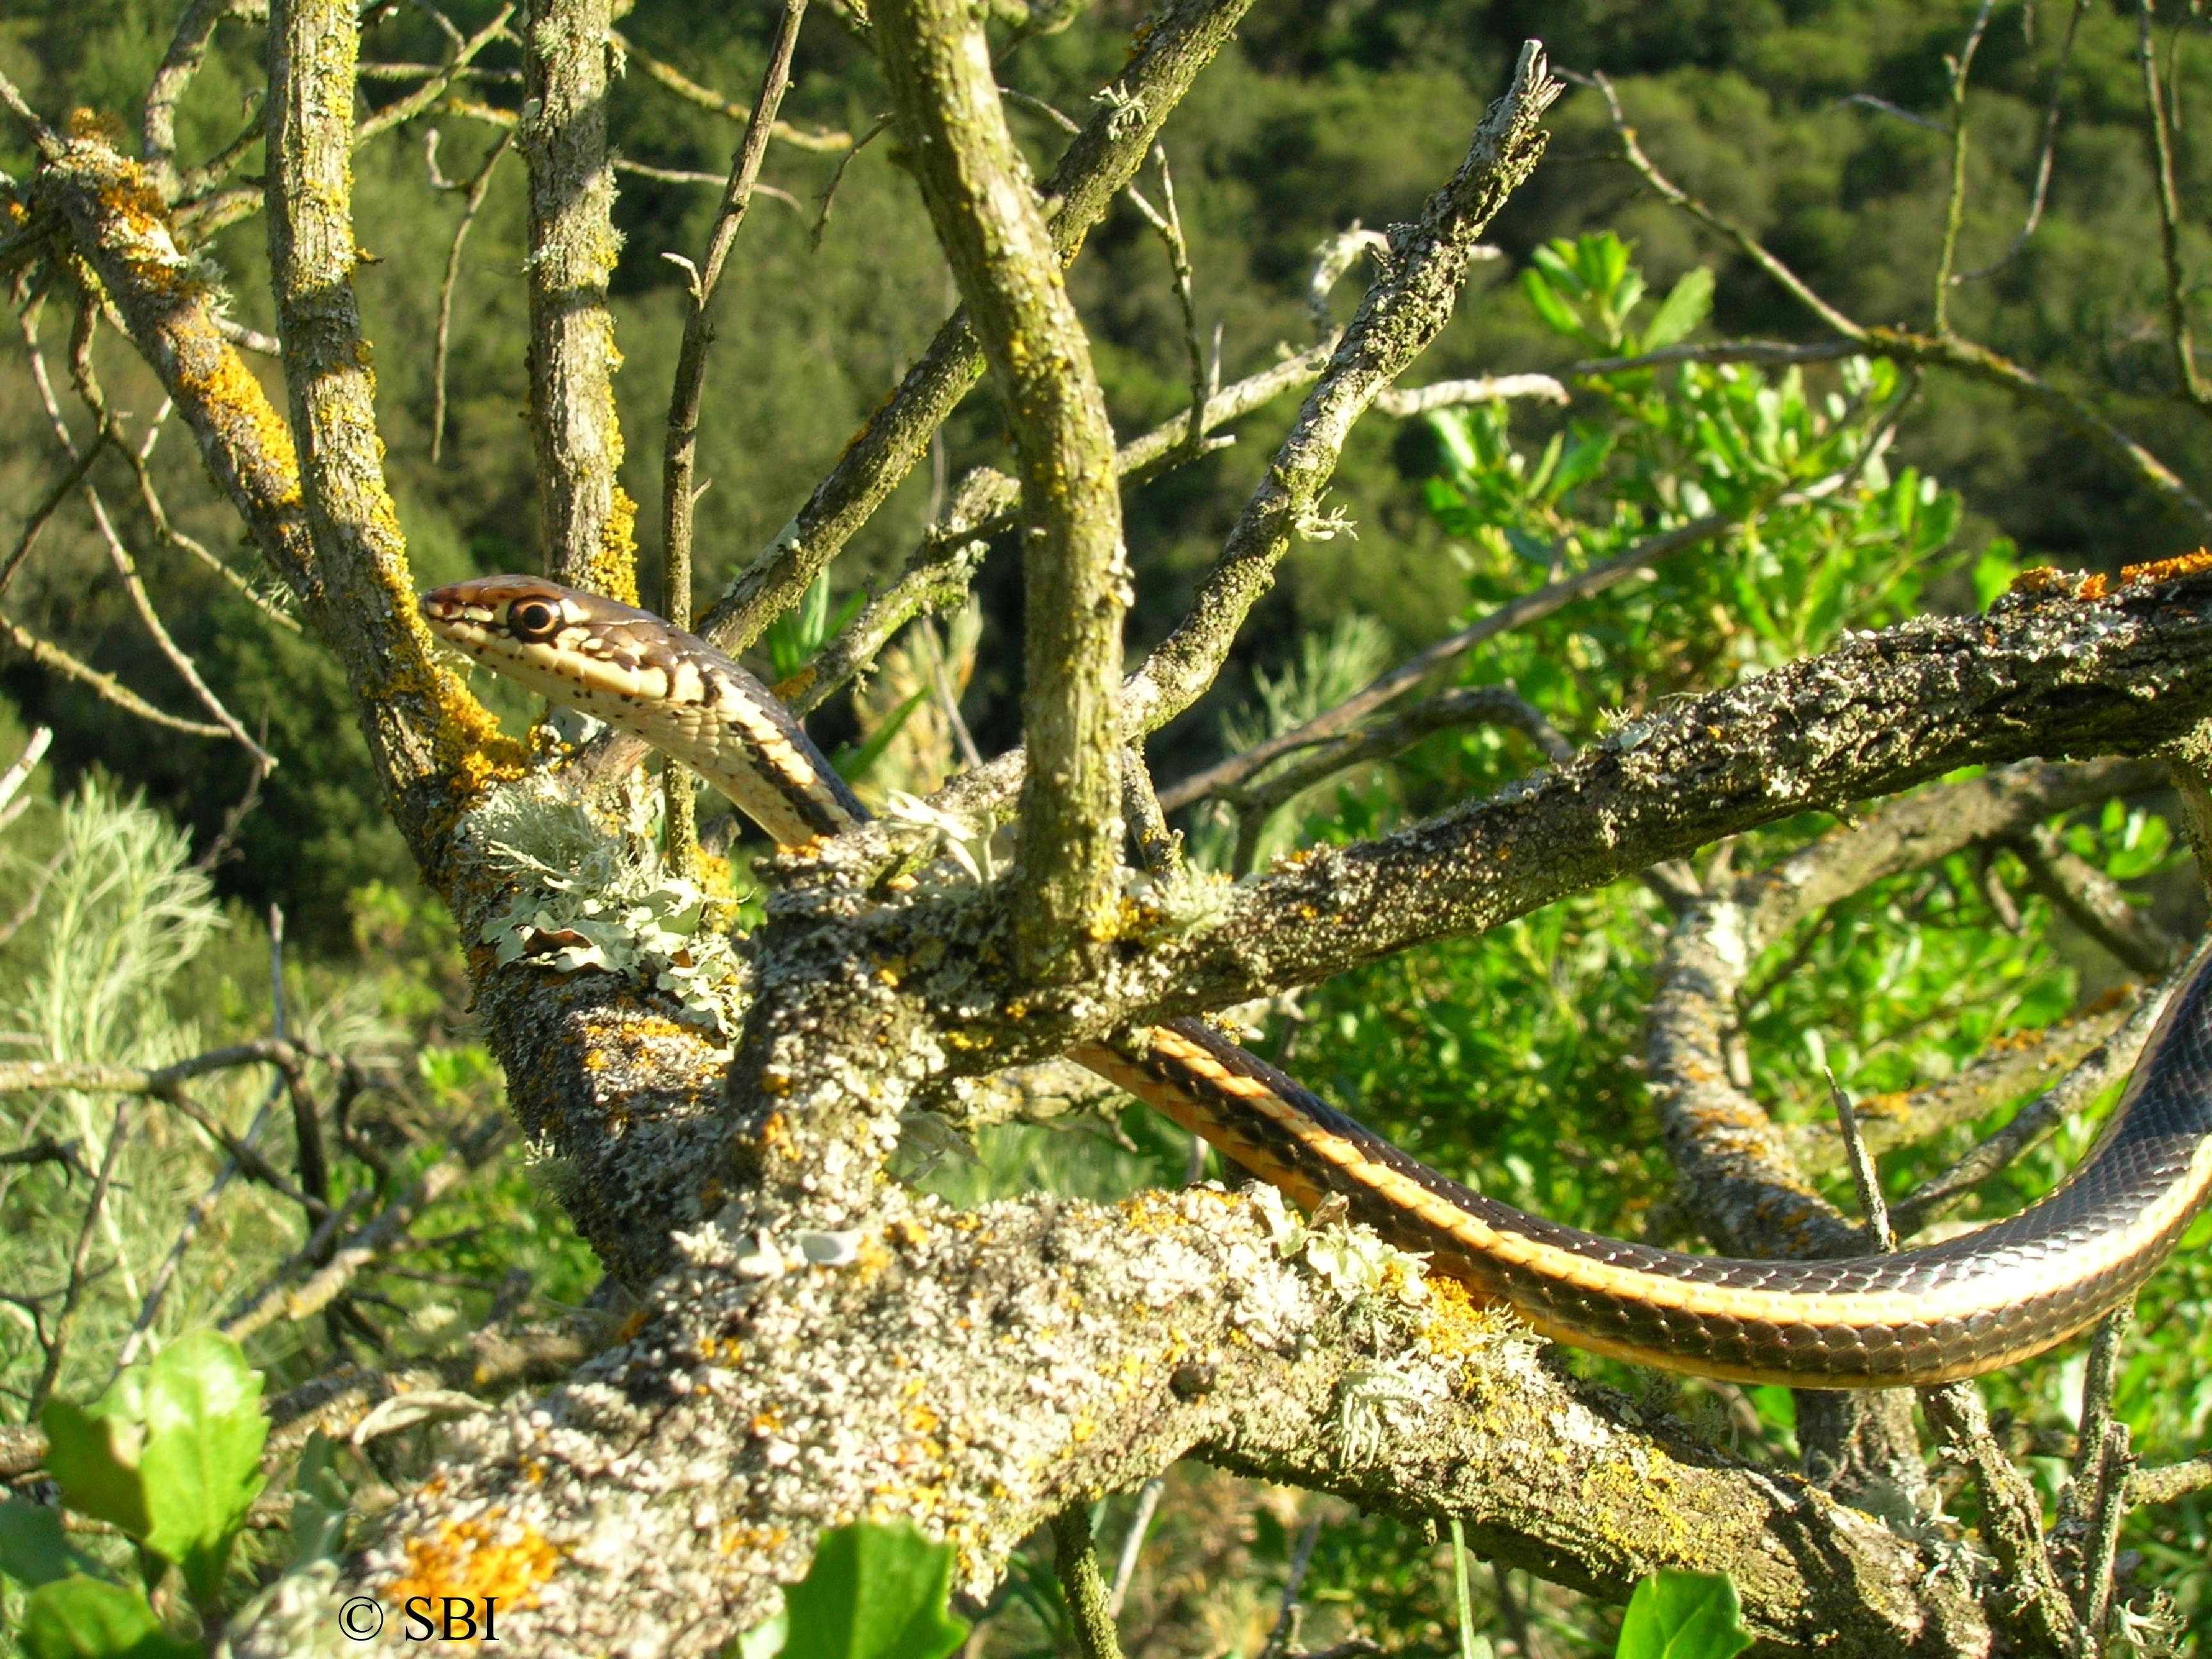 Alameda Whipsnake in scrub